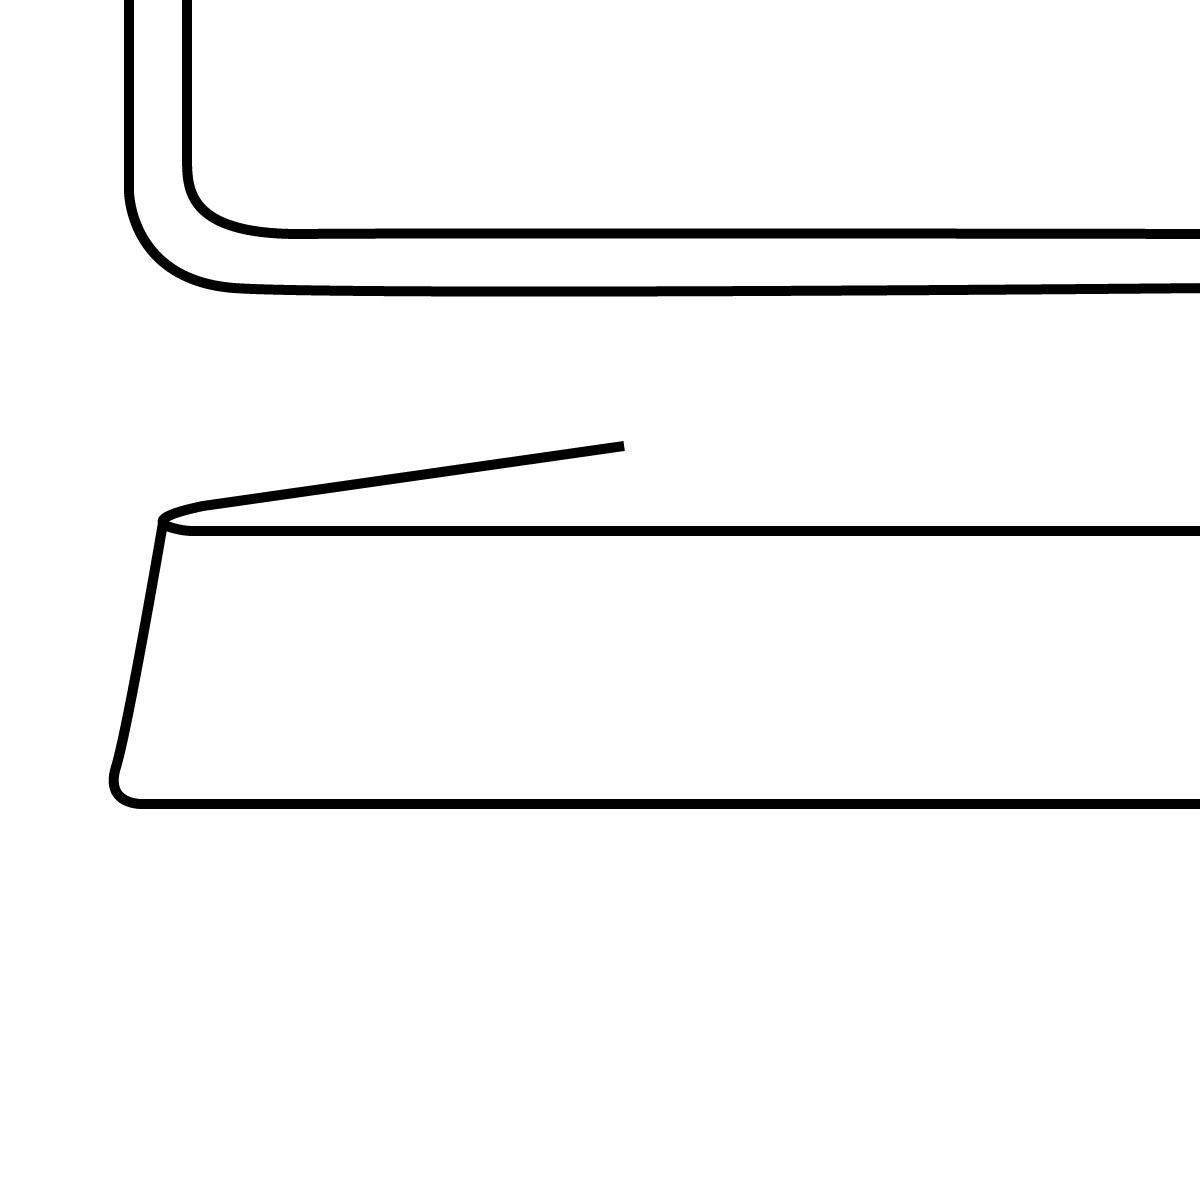 Tischplatte mit gerader Kante gerundet